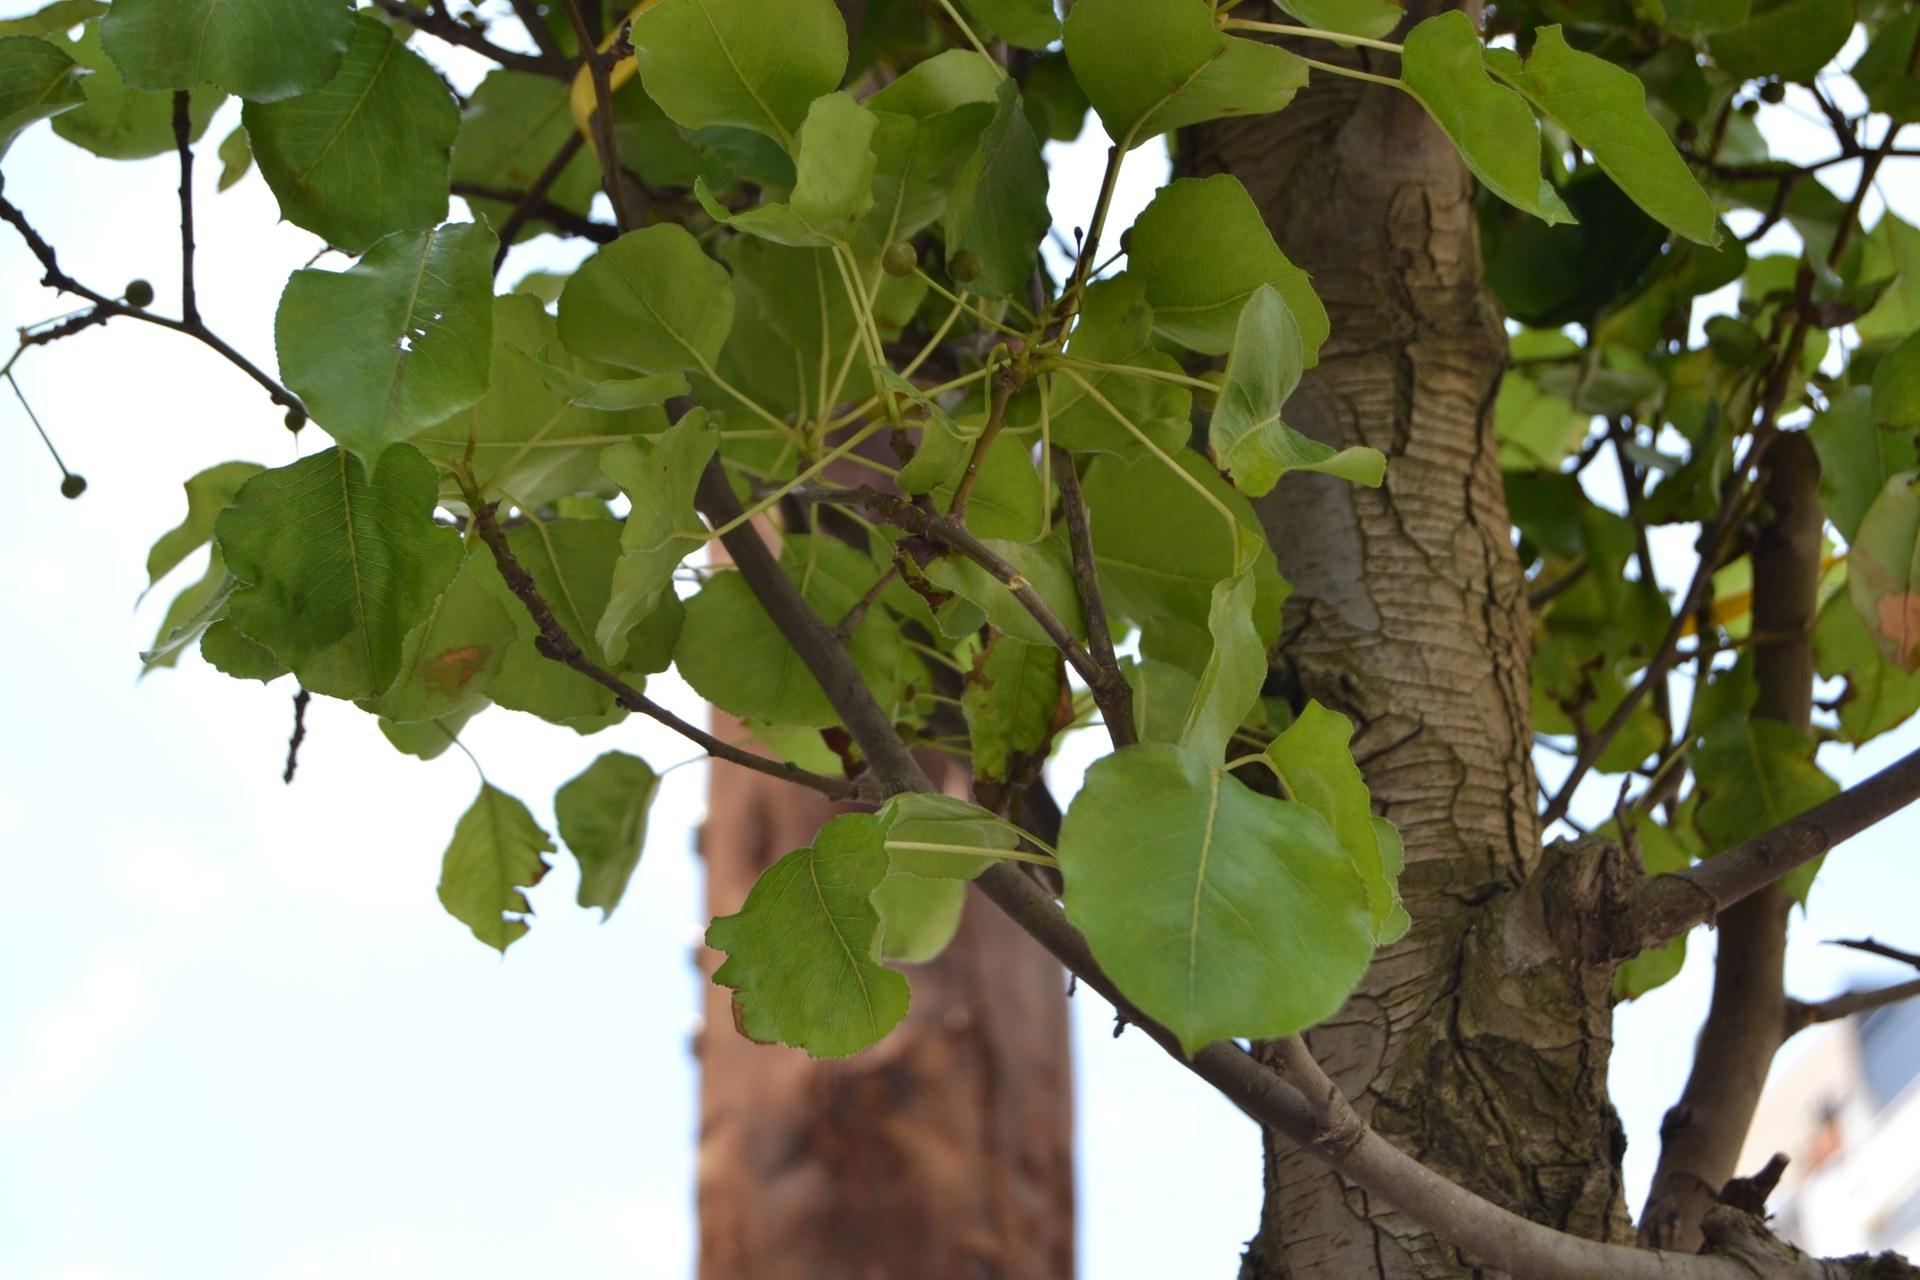 L'Ajuntament interposa una denúncia a un veí per escapçar un arbre públic